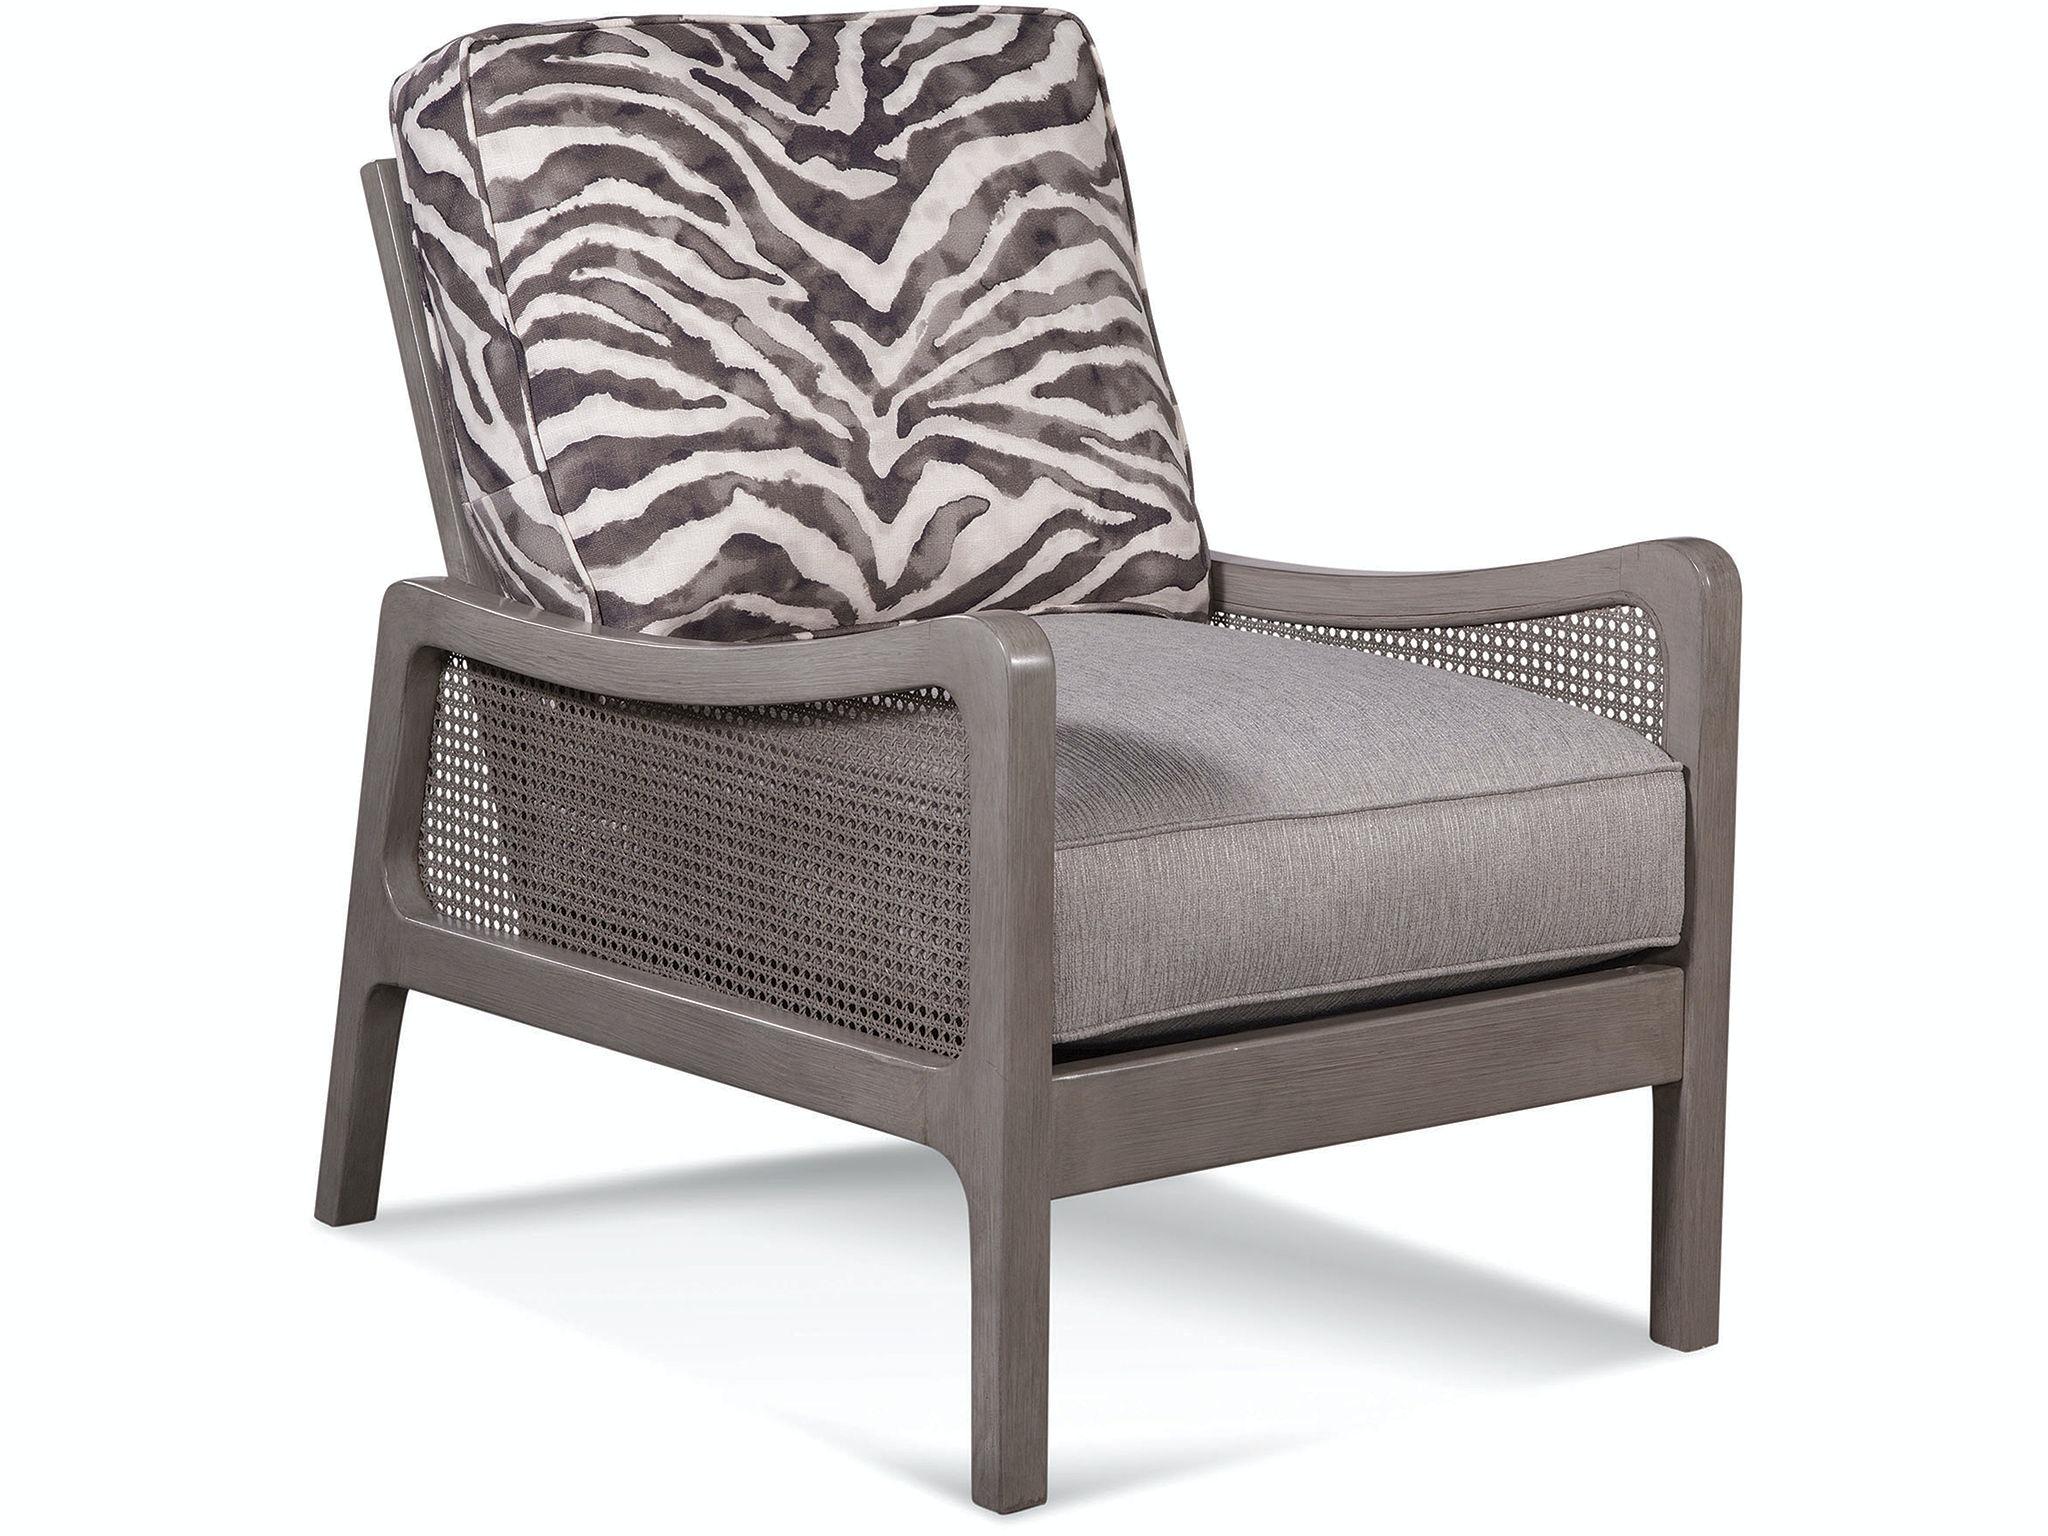 Carter Chair 1016-001